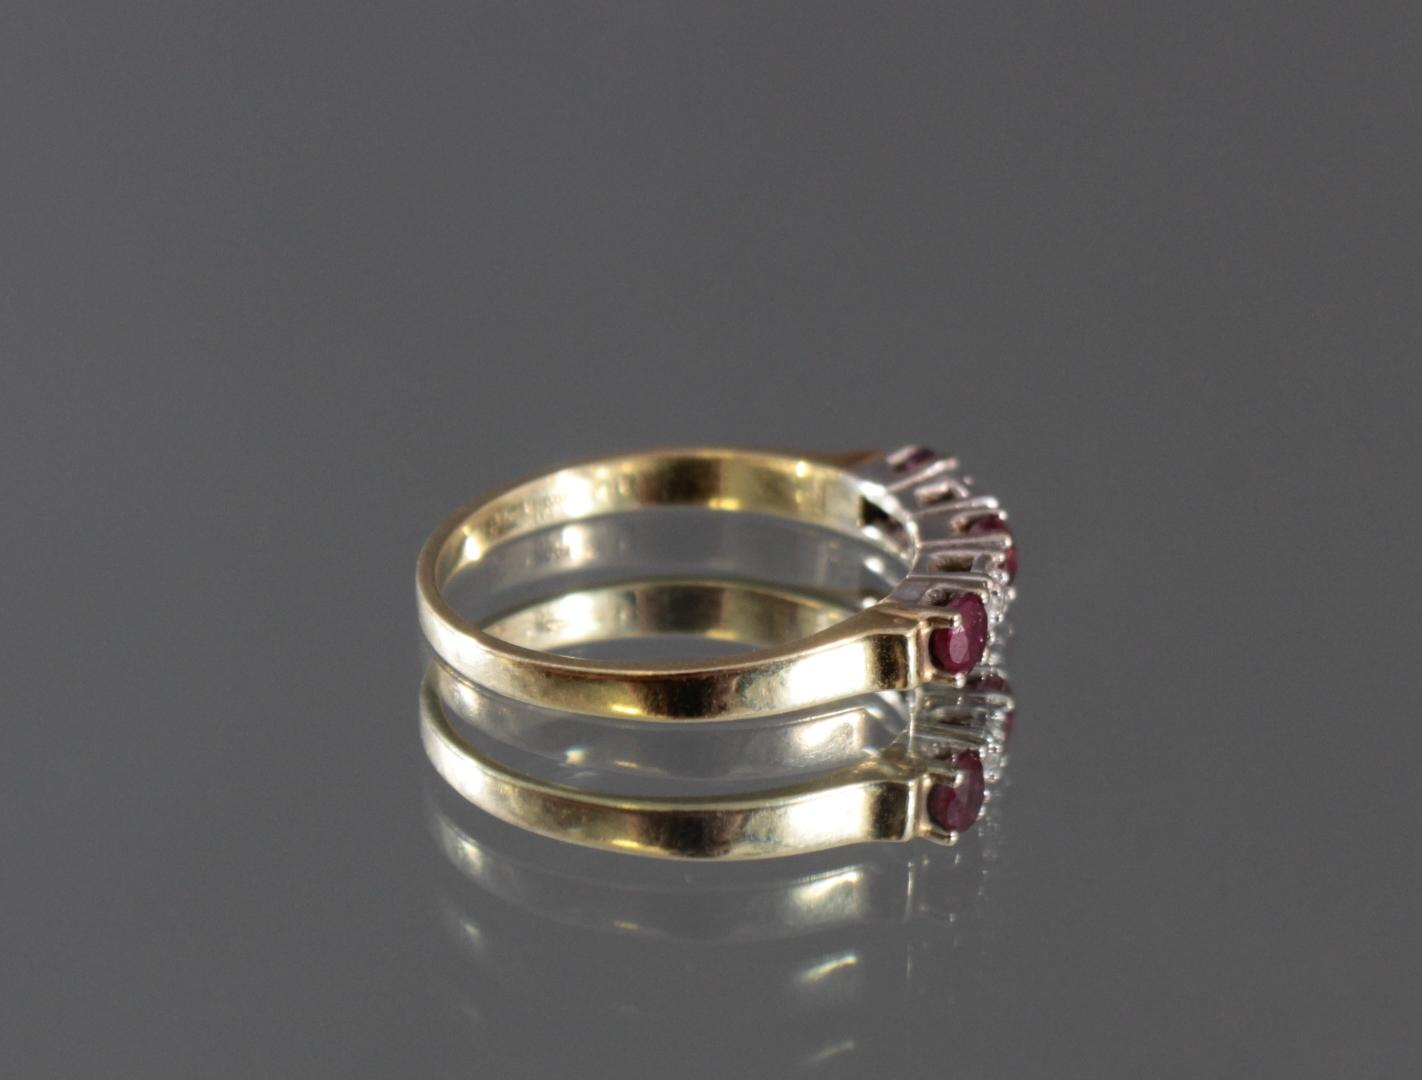 Damenring mit Rubinen und Diamanten, 14 Karat Gelbgold-2